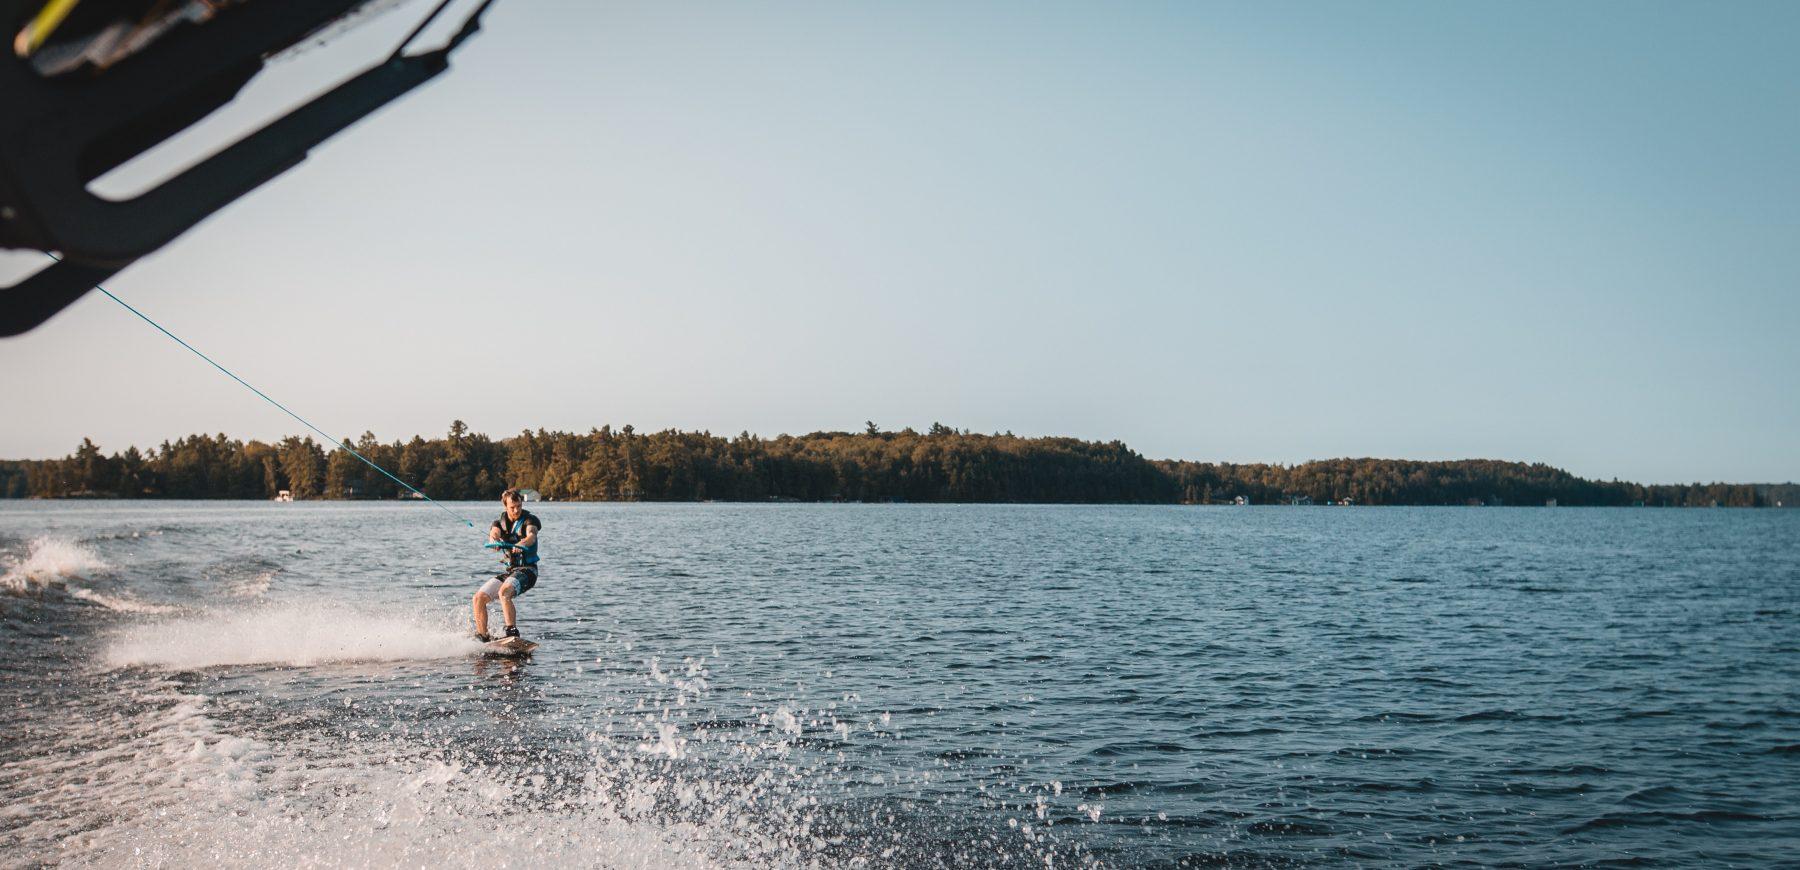 A man wake boaring on the Gull Lake at Maddens.